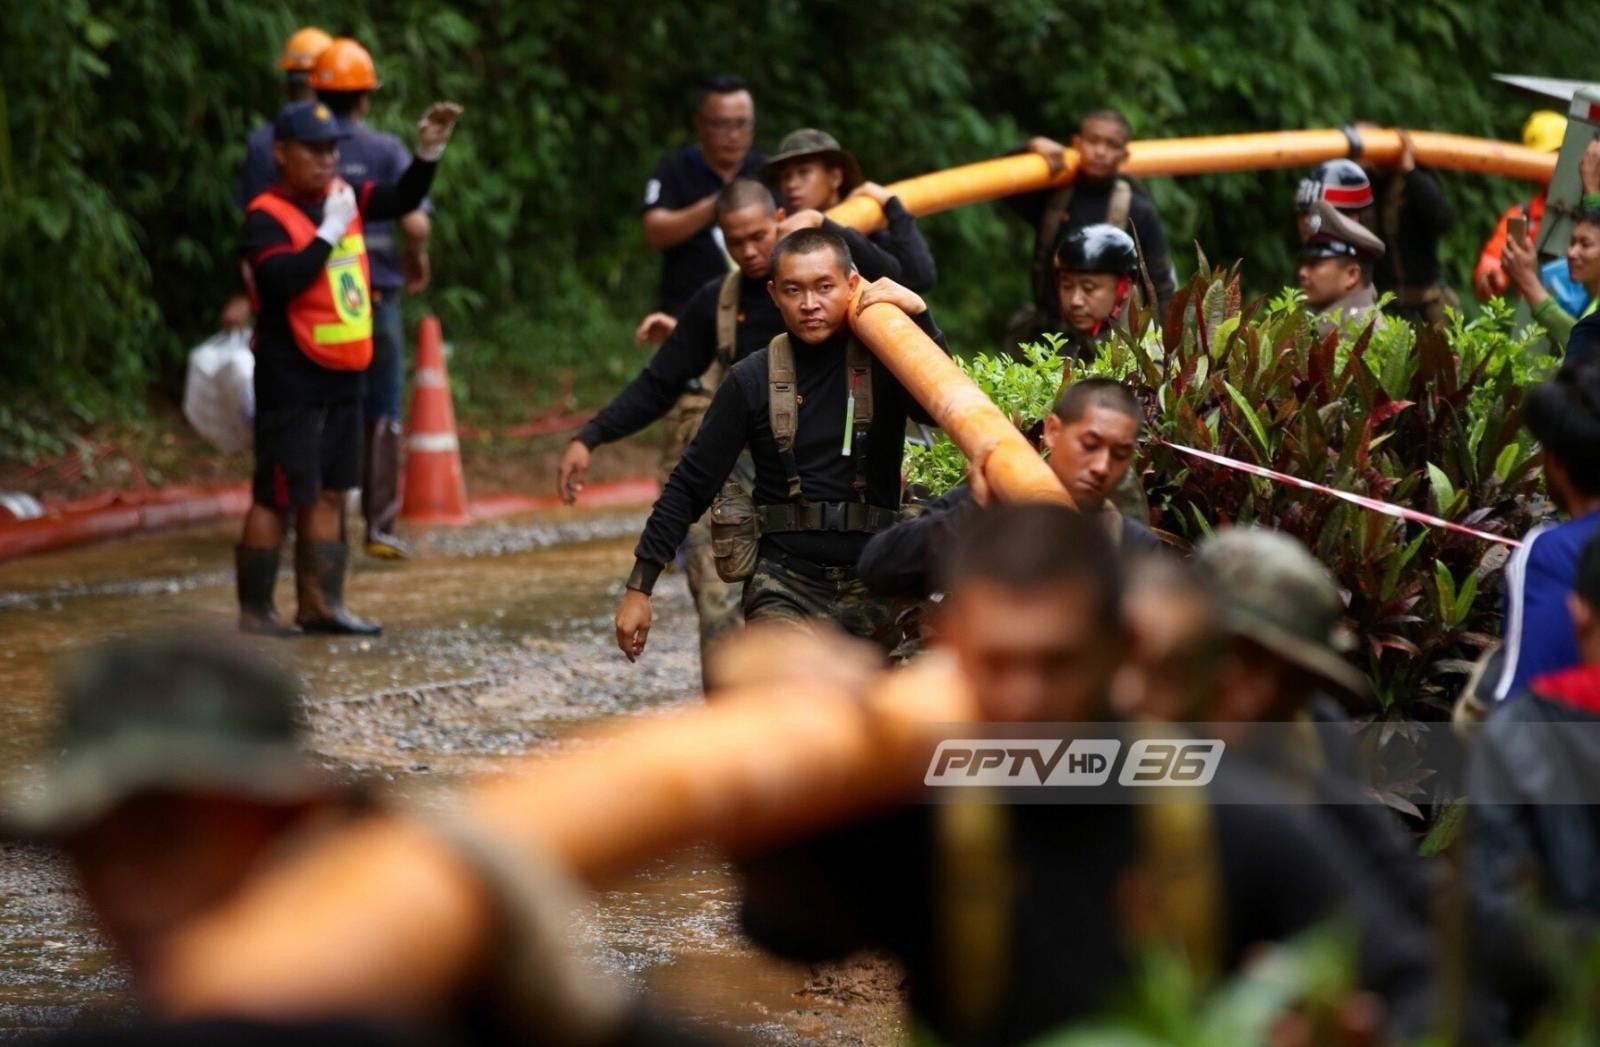 รวมภาพเหล่าฮีโร่ที่ช่วยเด็กทั้ง 13 ชีวิตทีมหมูป่าอะคาเดมี